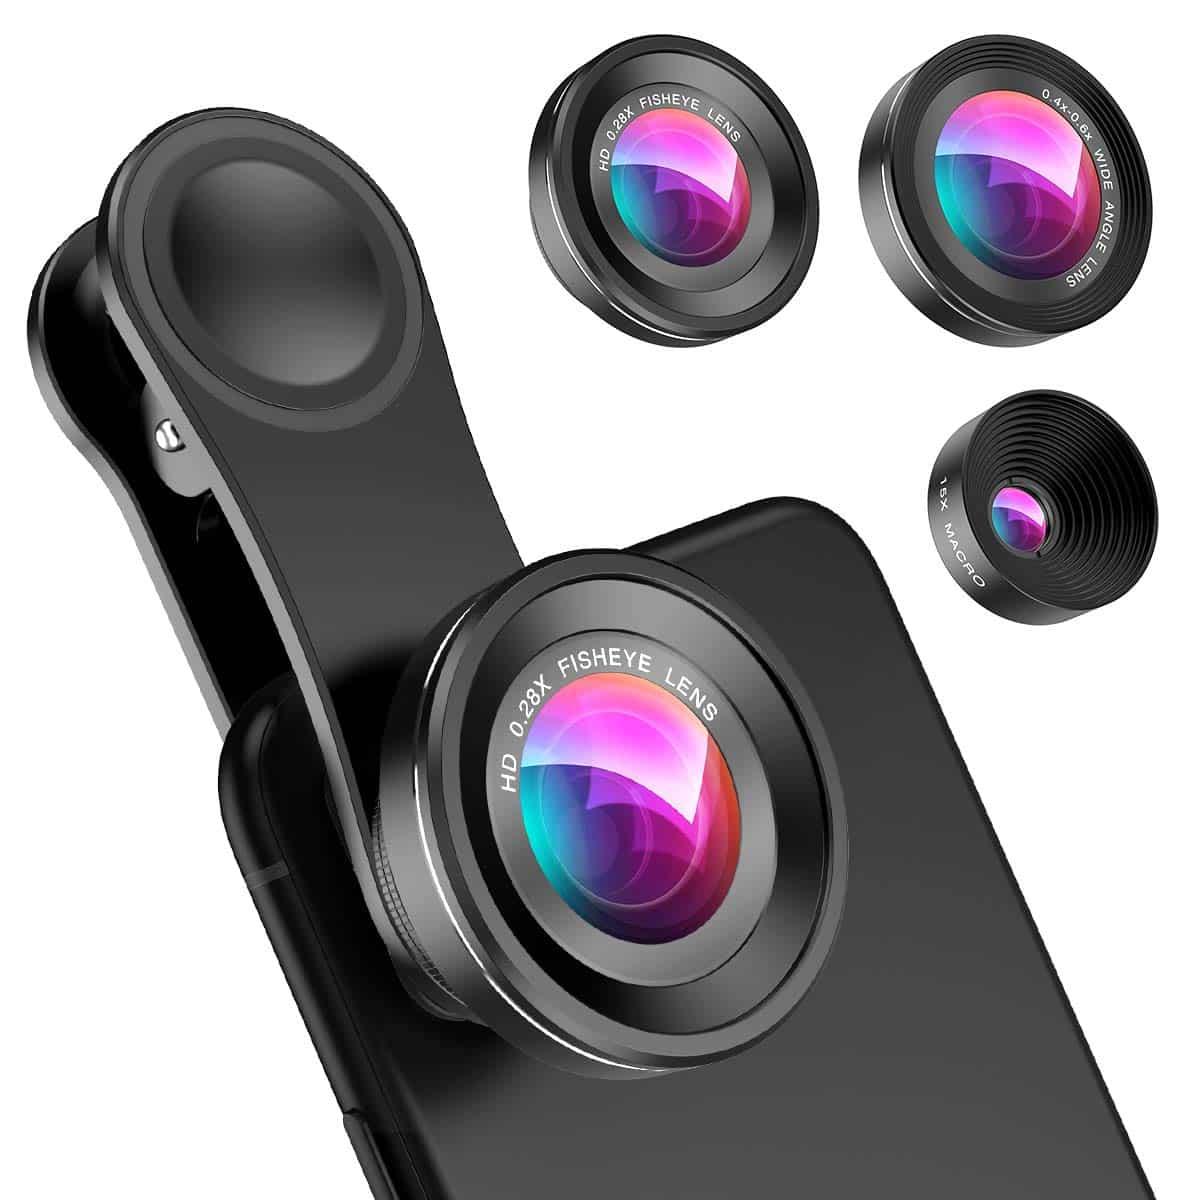 Criacr Phone Camera Lens 3048